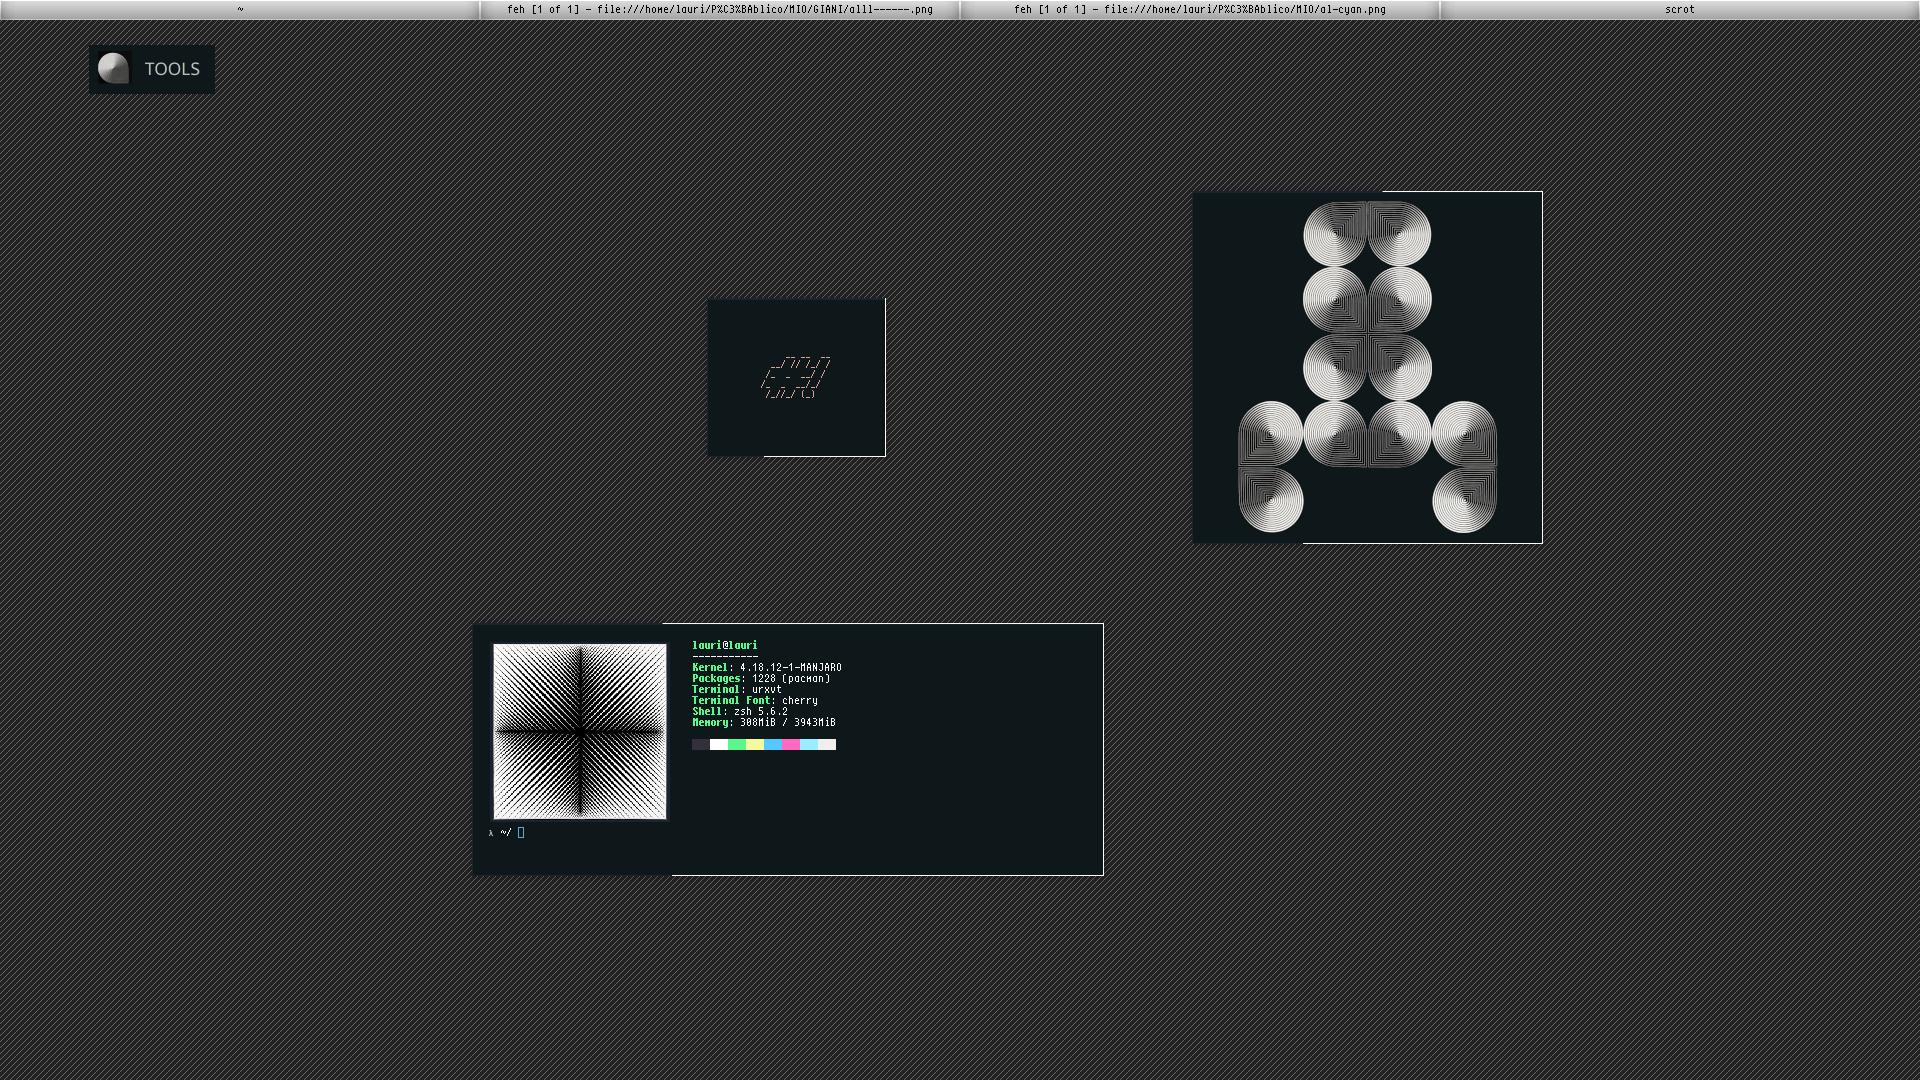 Scrot-7 by lauriset   Desktop UI   Desktop, Art, Desktop